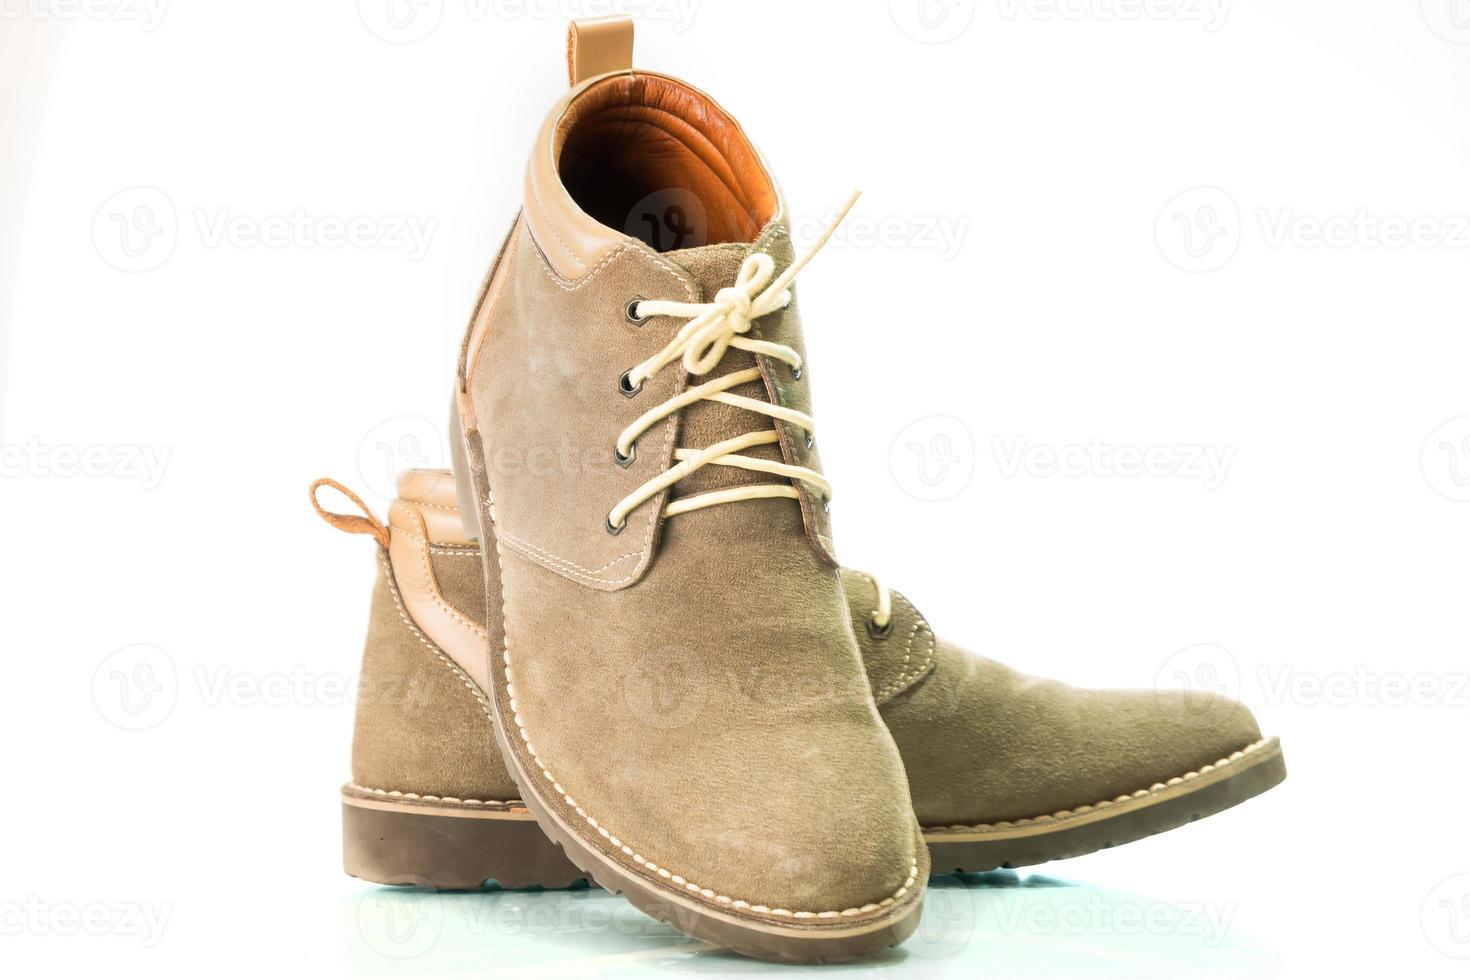 chaussures de mode homme brun isolé sur fond blanc photo